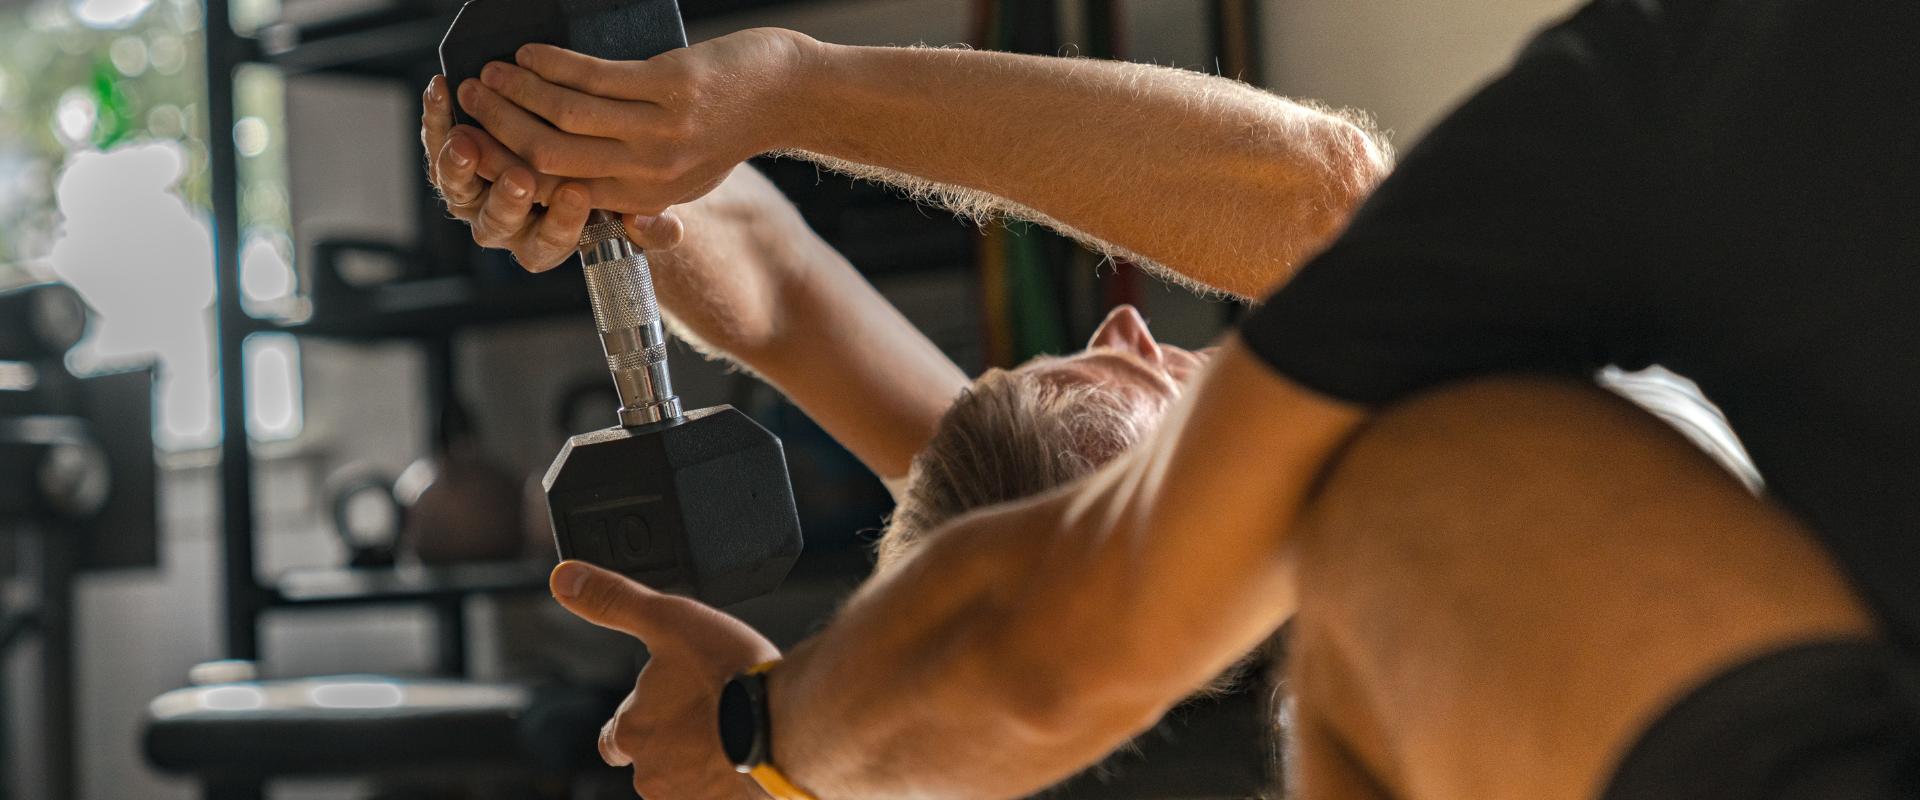 Hoe trainen met een personal trainer jouw mentale gezondheid beschermt